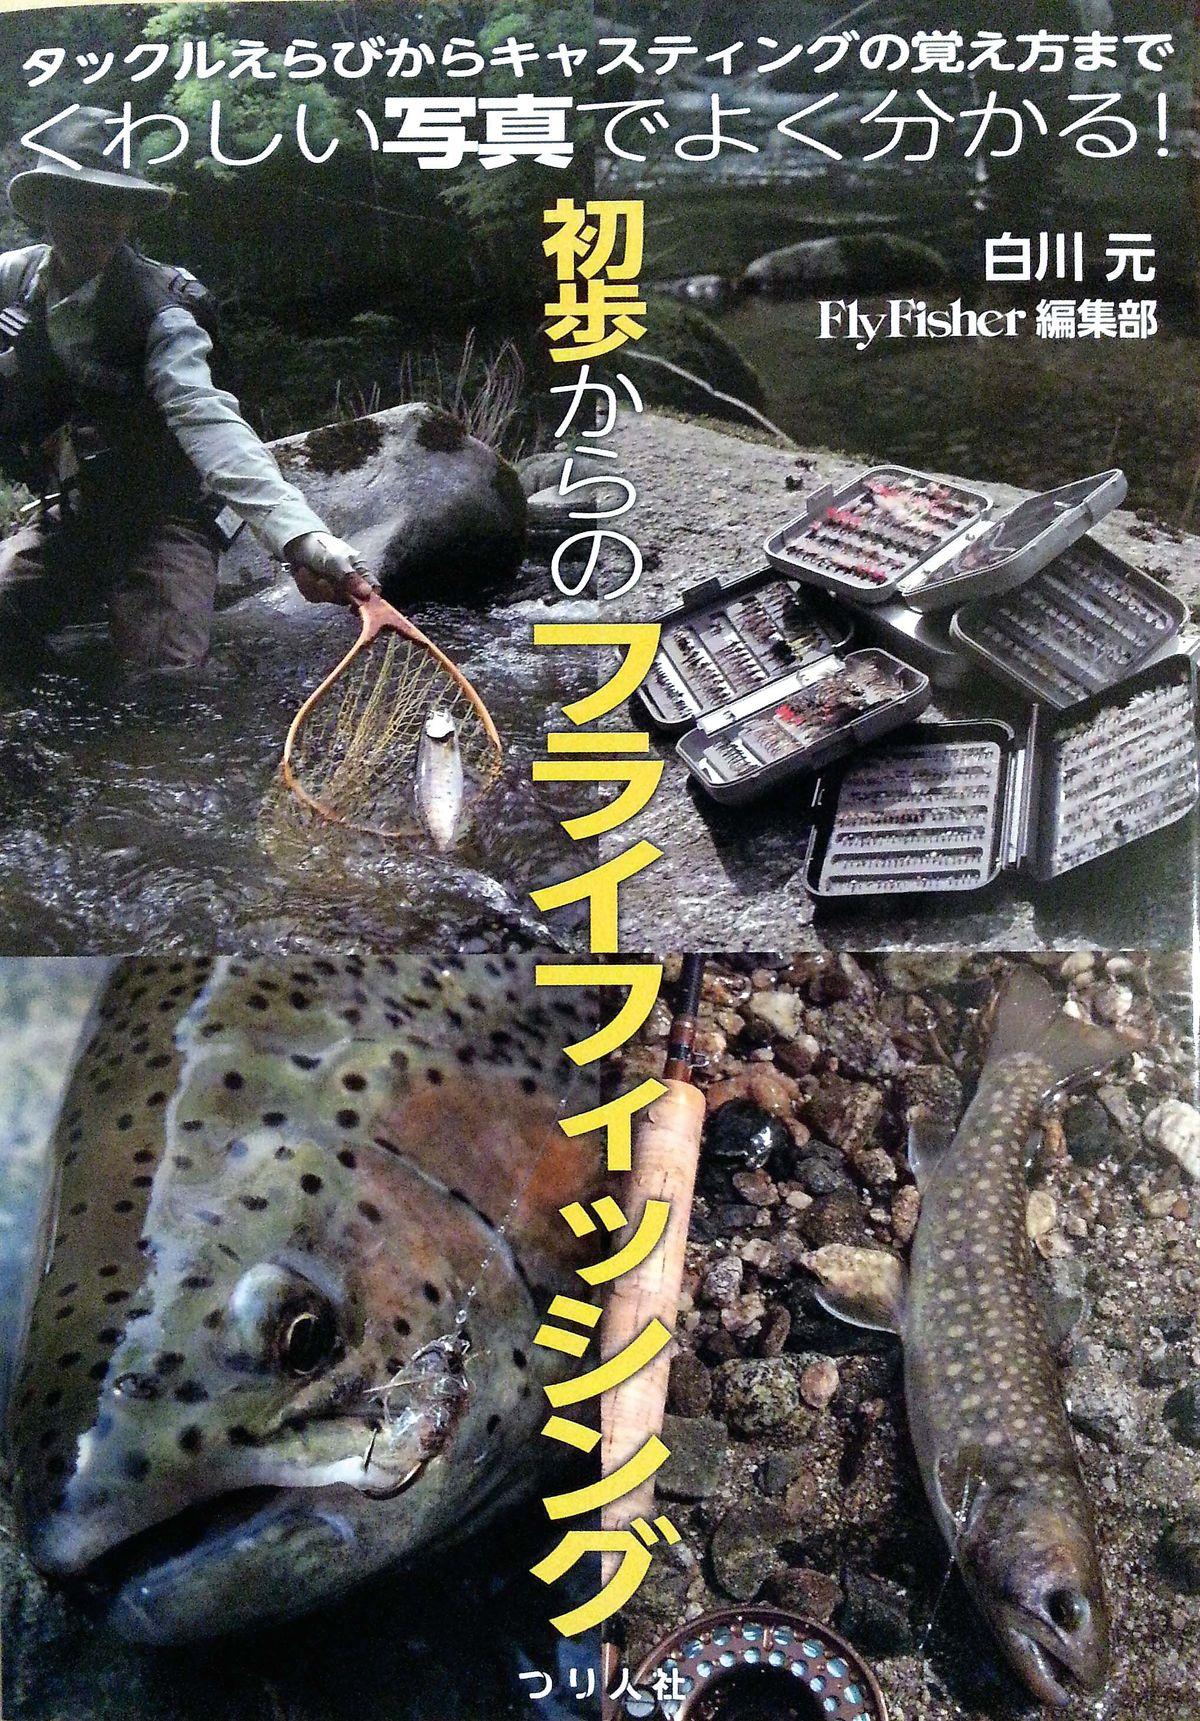 120-123yamabe_cs6 (26)